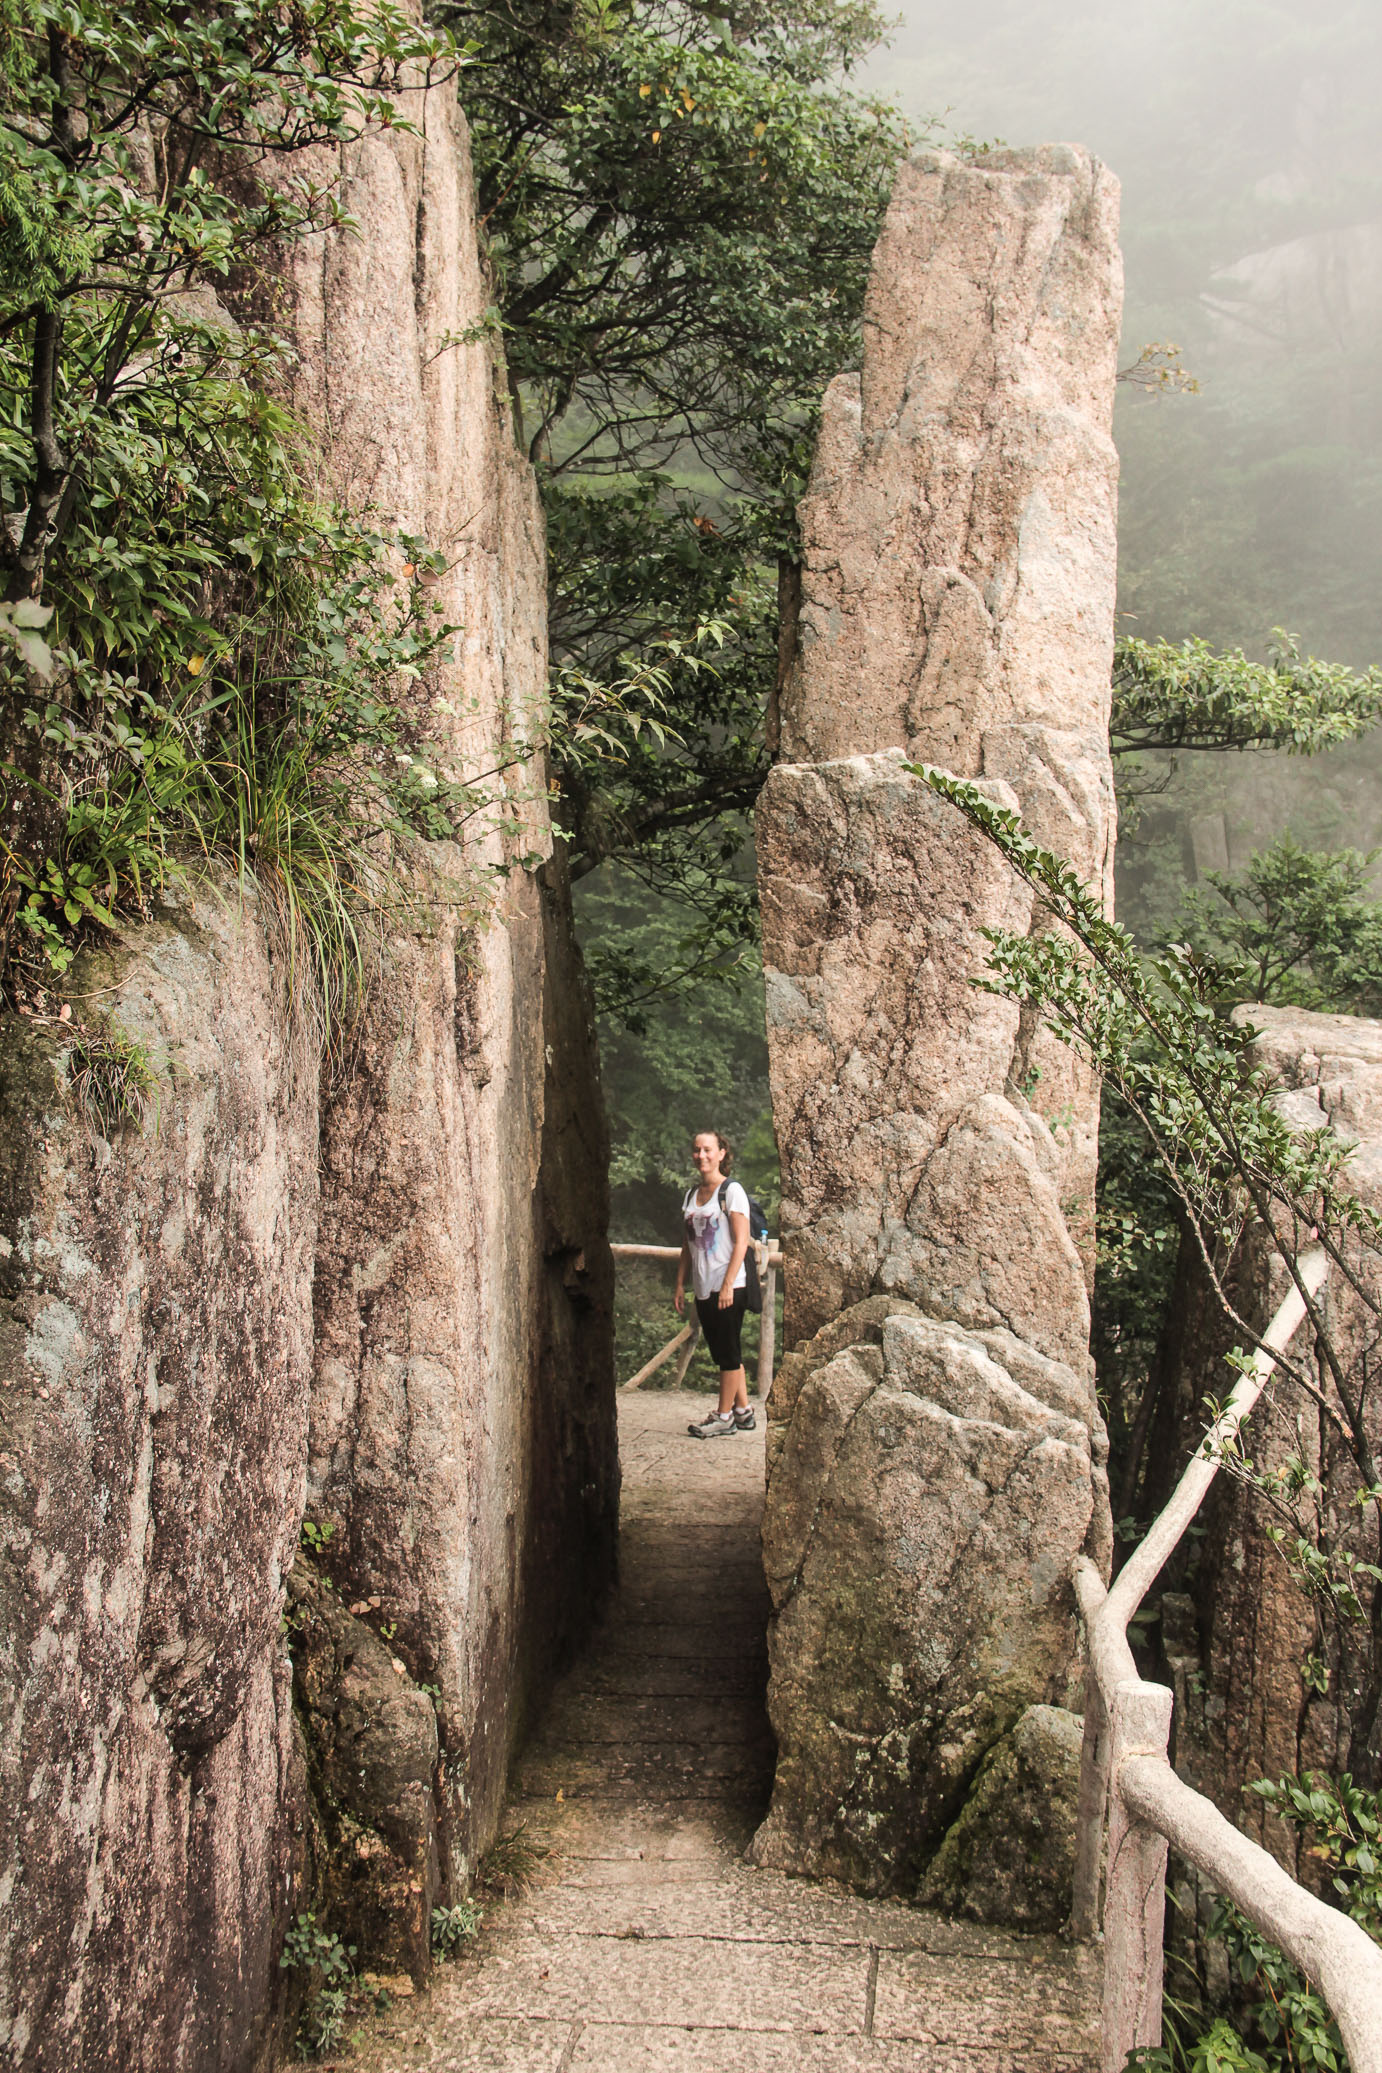 Passage sur la montagne de Huangshan en Chine.